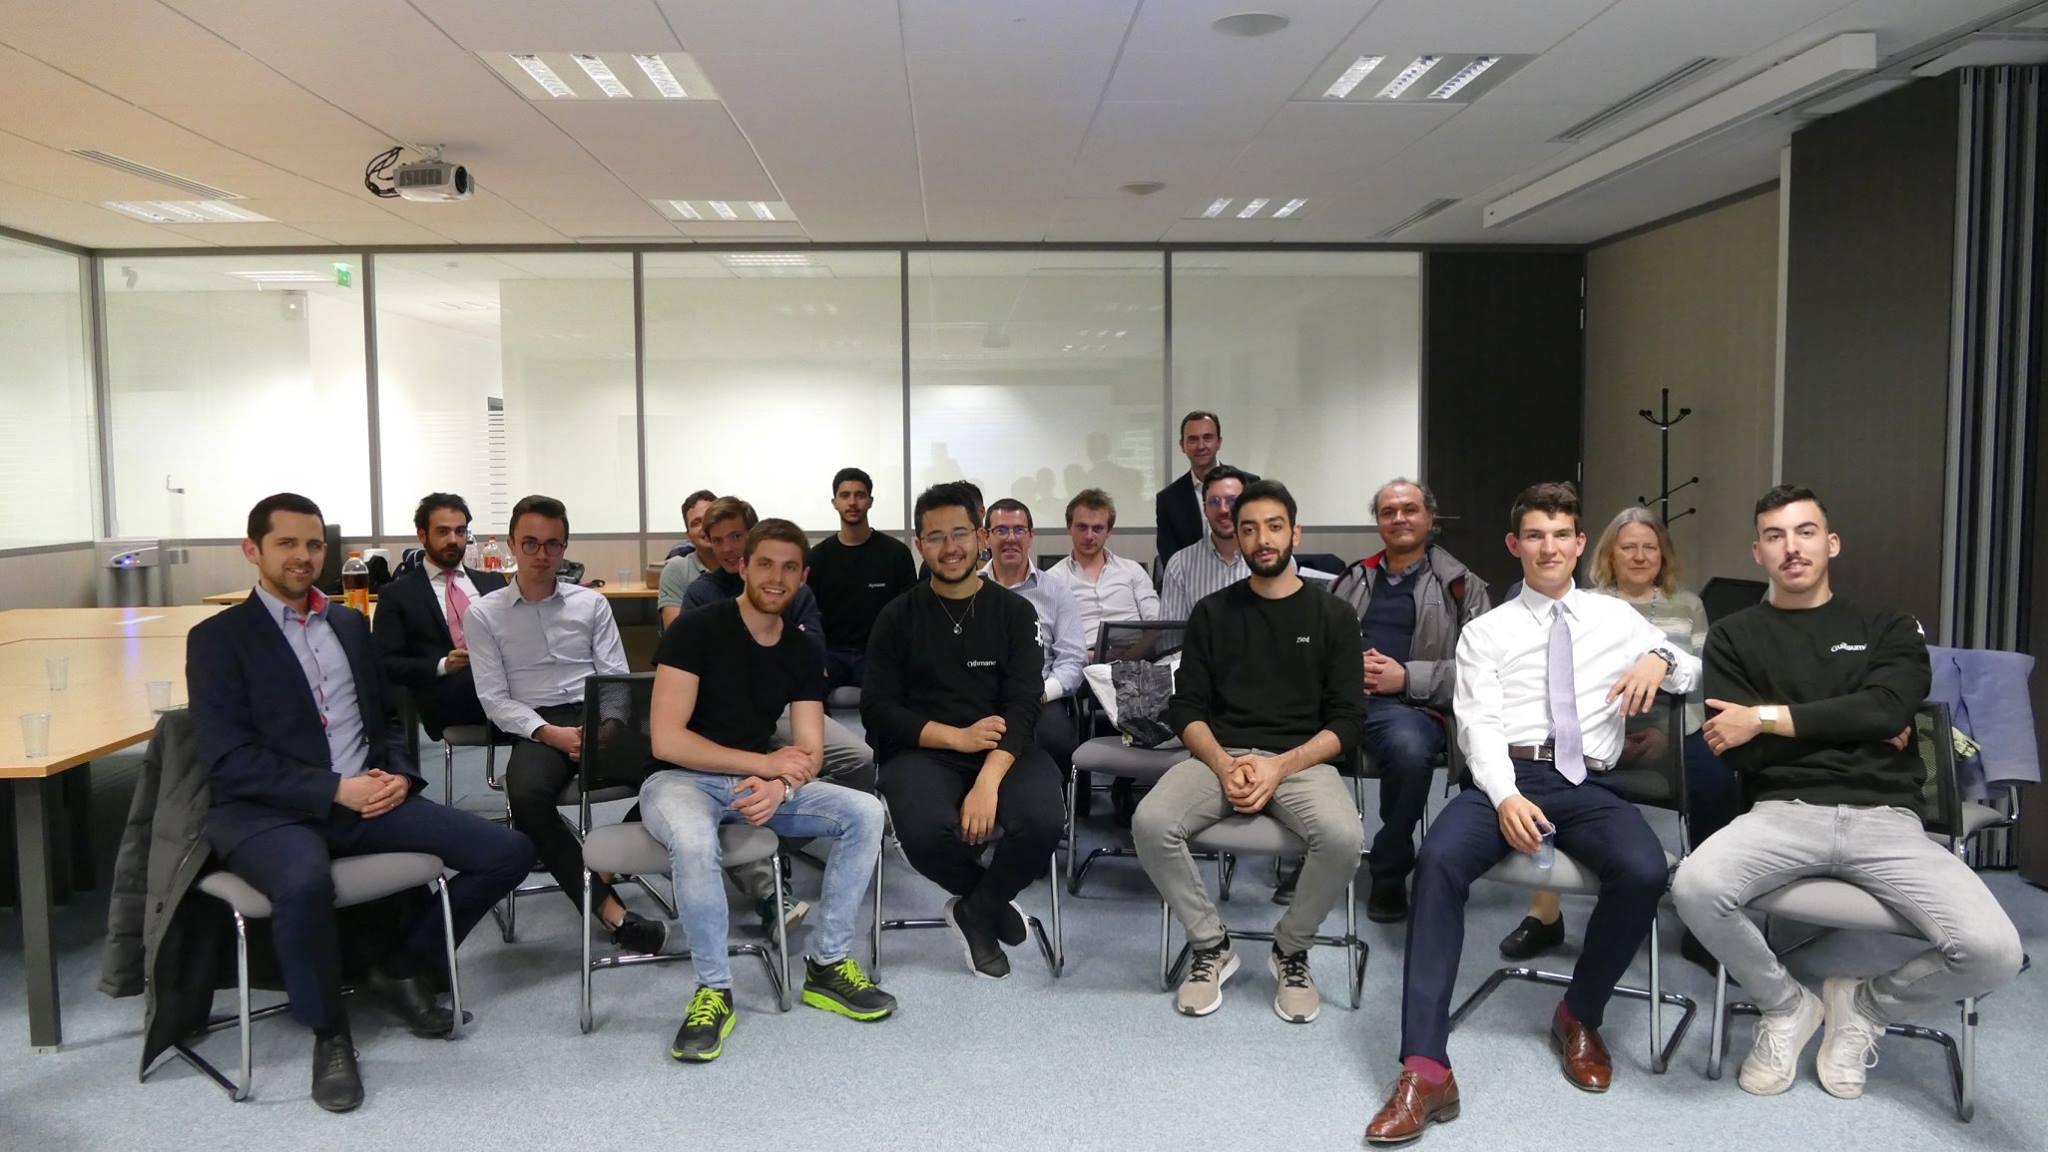 L'équipe de KryptoSphere Kedge BS présente lors du meet-up dans les locaux du Cabinet Fidal